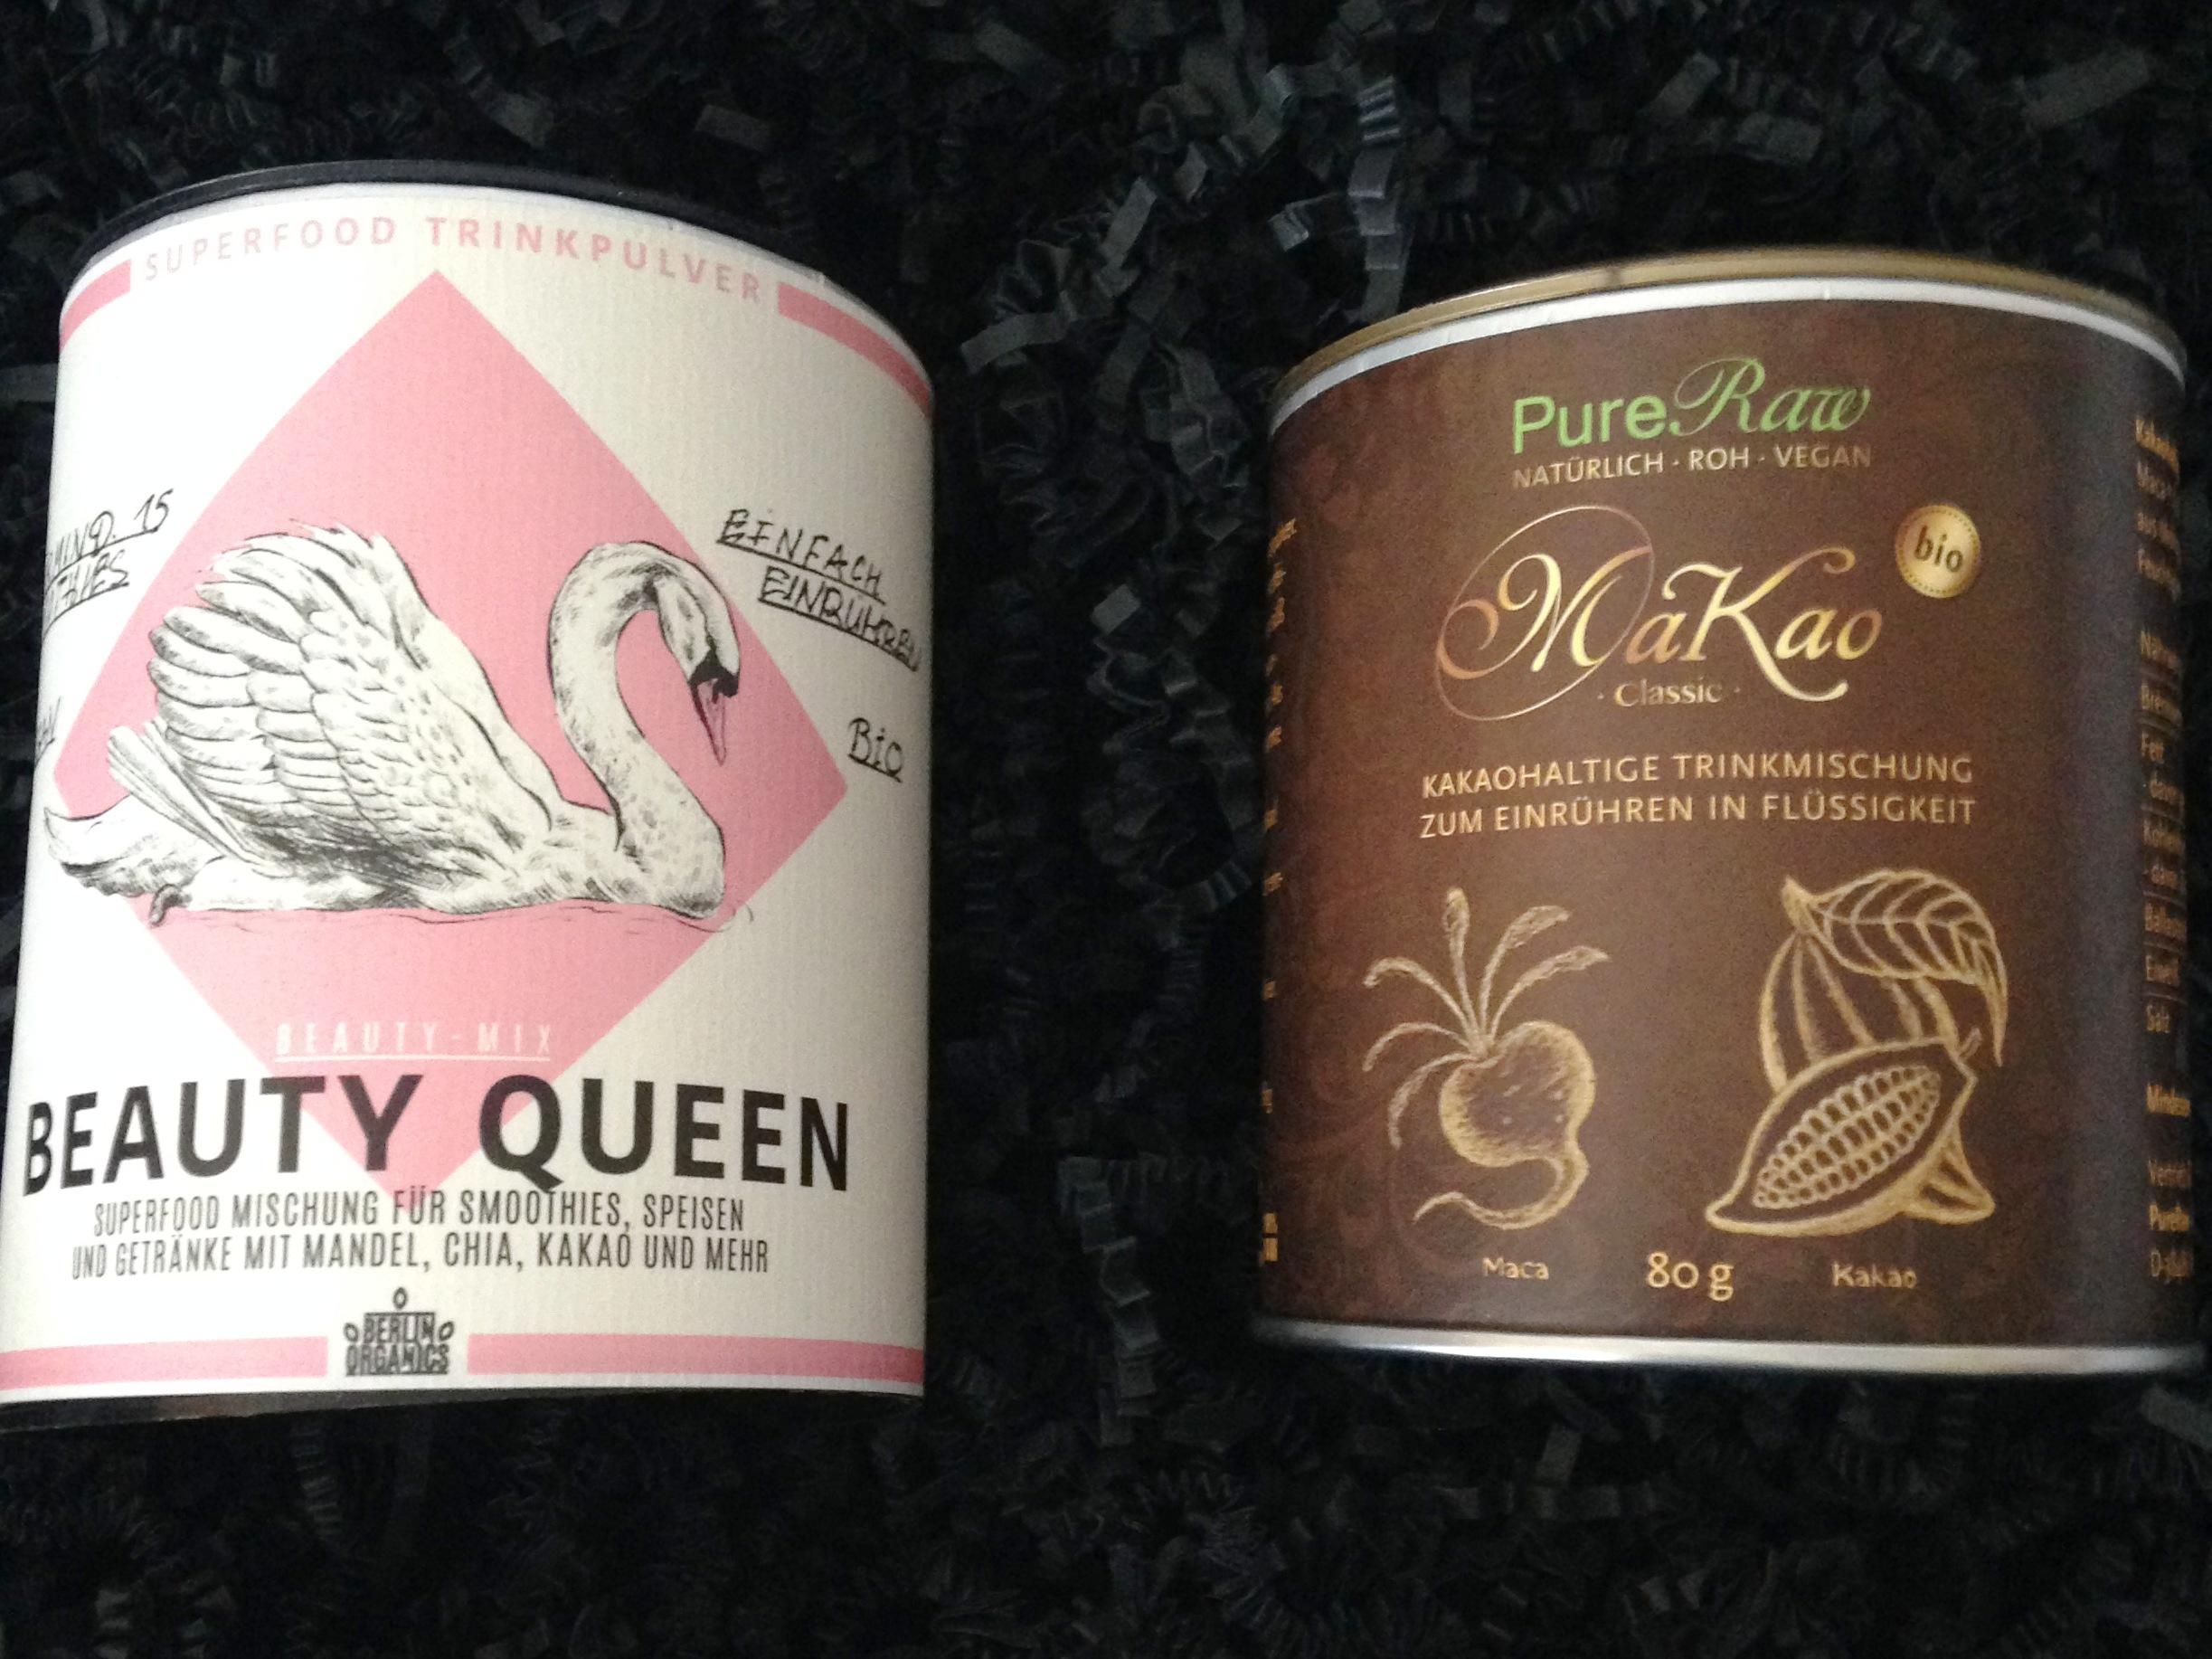 Beauty Queen und Makao Classic-Trinkschokolade